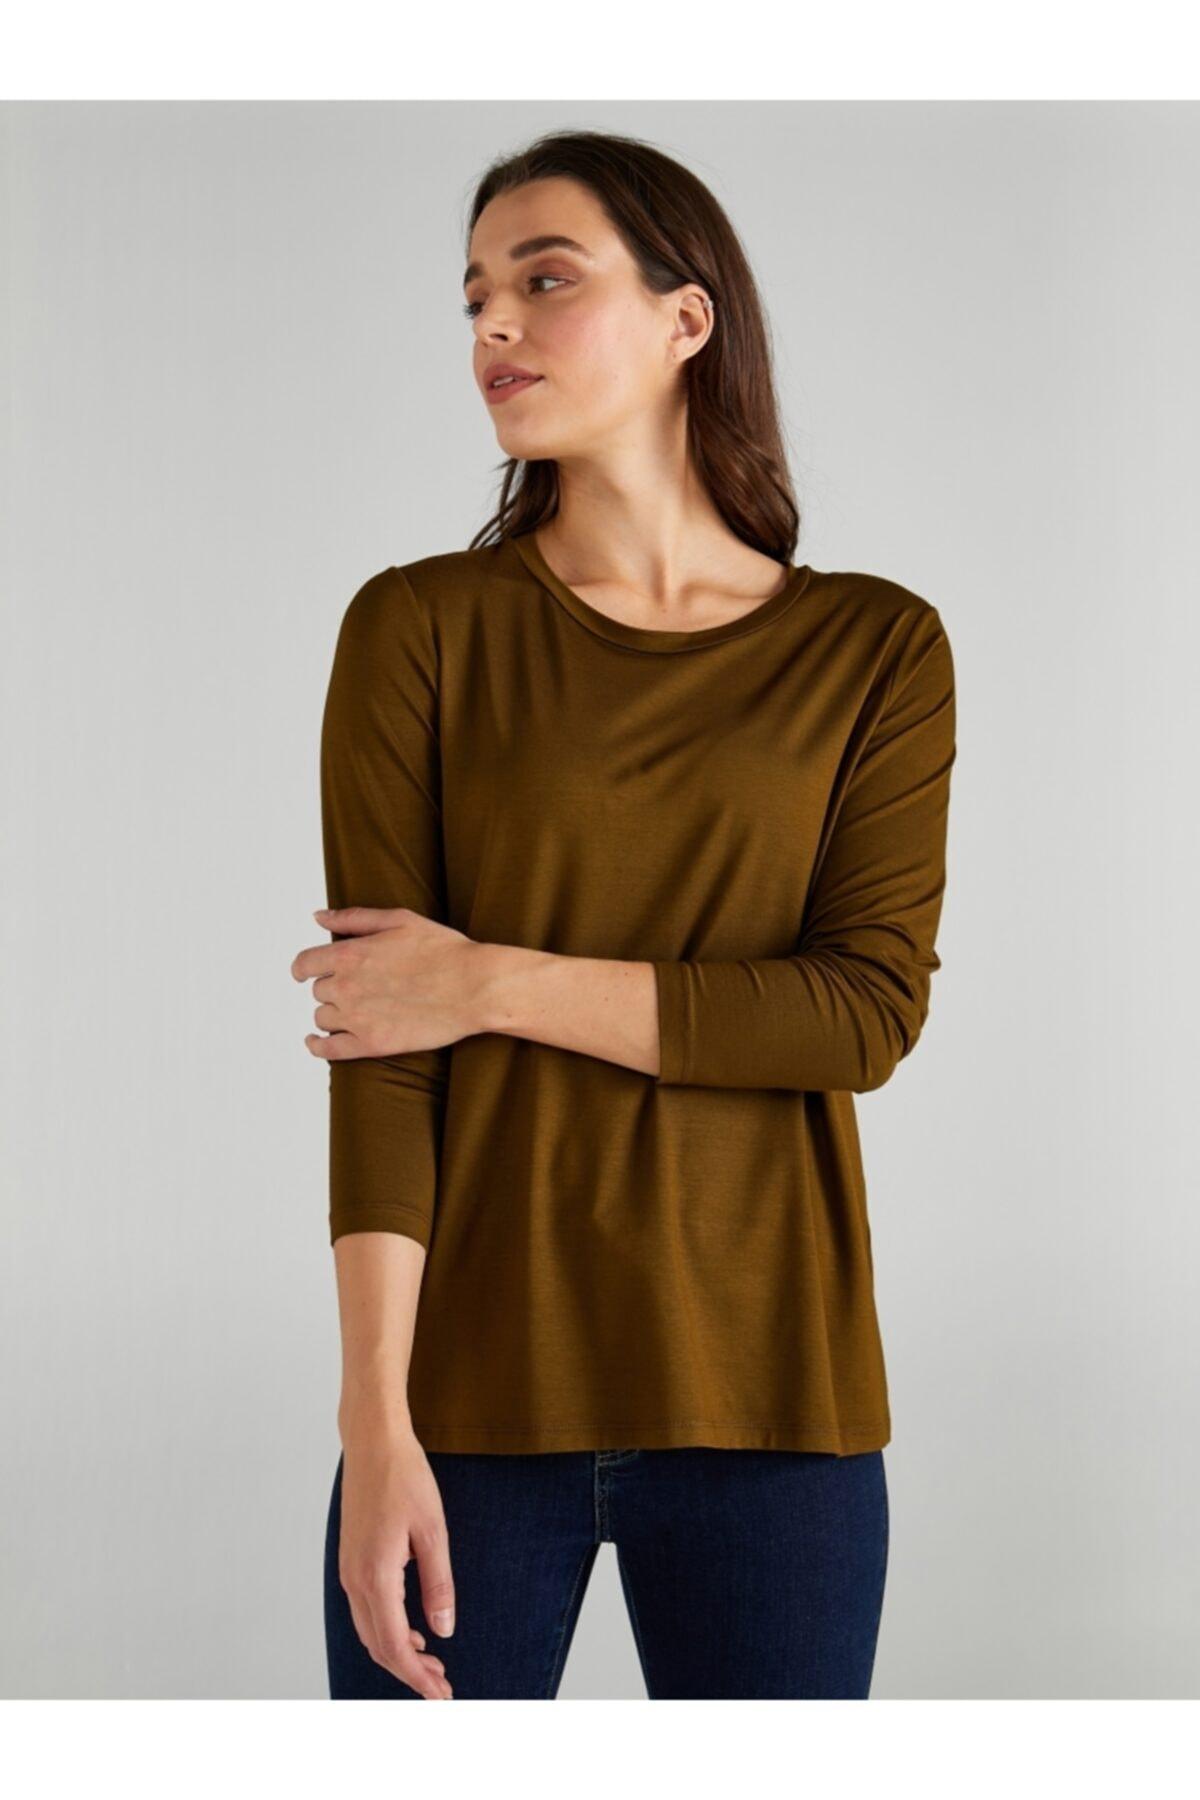 Faik Sönmez Kadın Haki Yuvarlak Yaka Uzun Kol T-shirt 61024 1